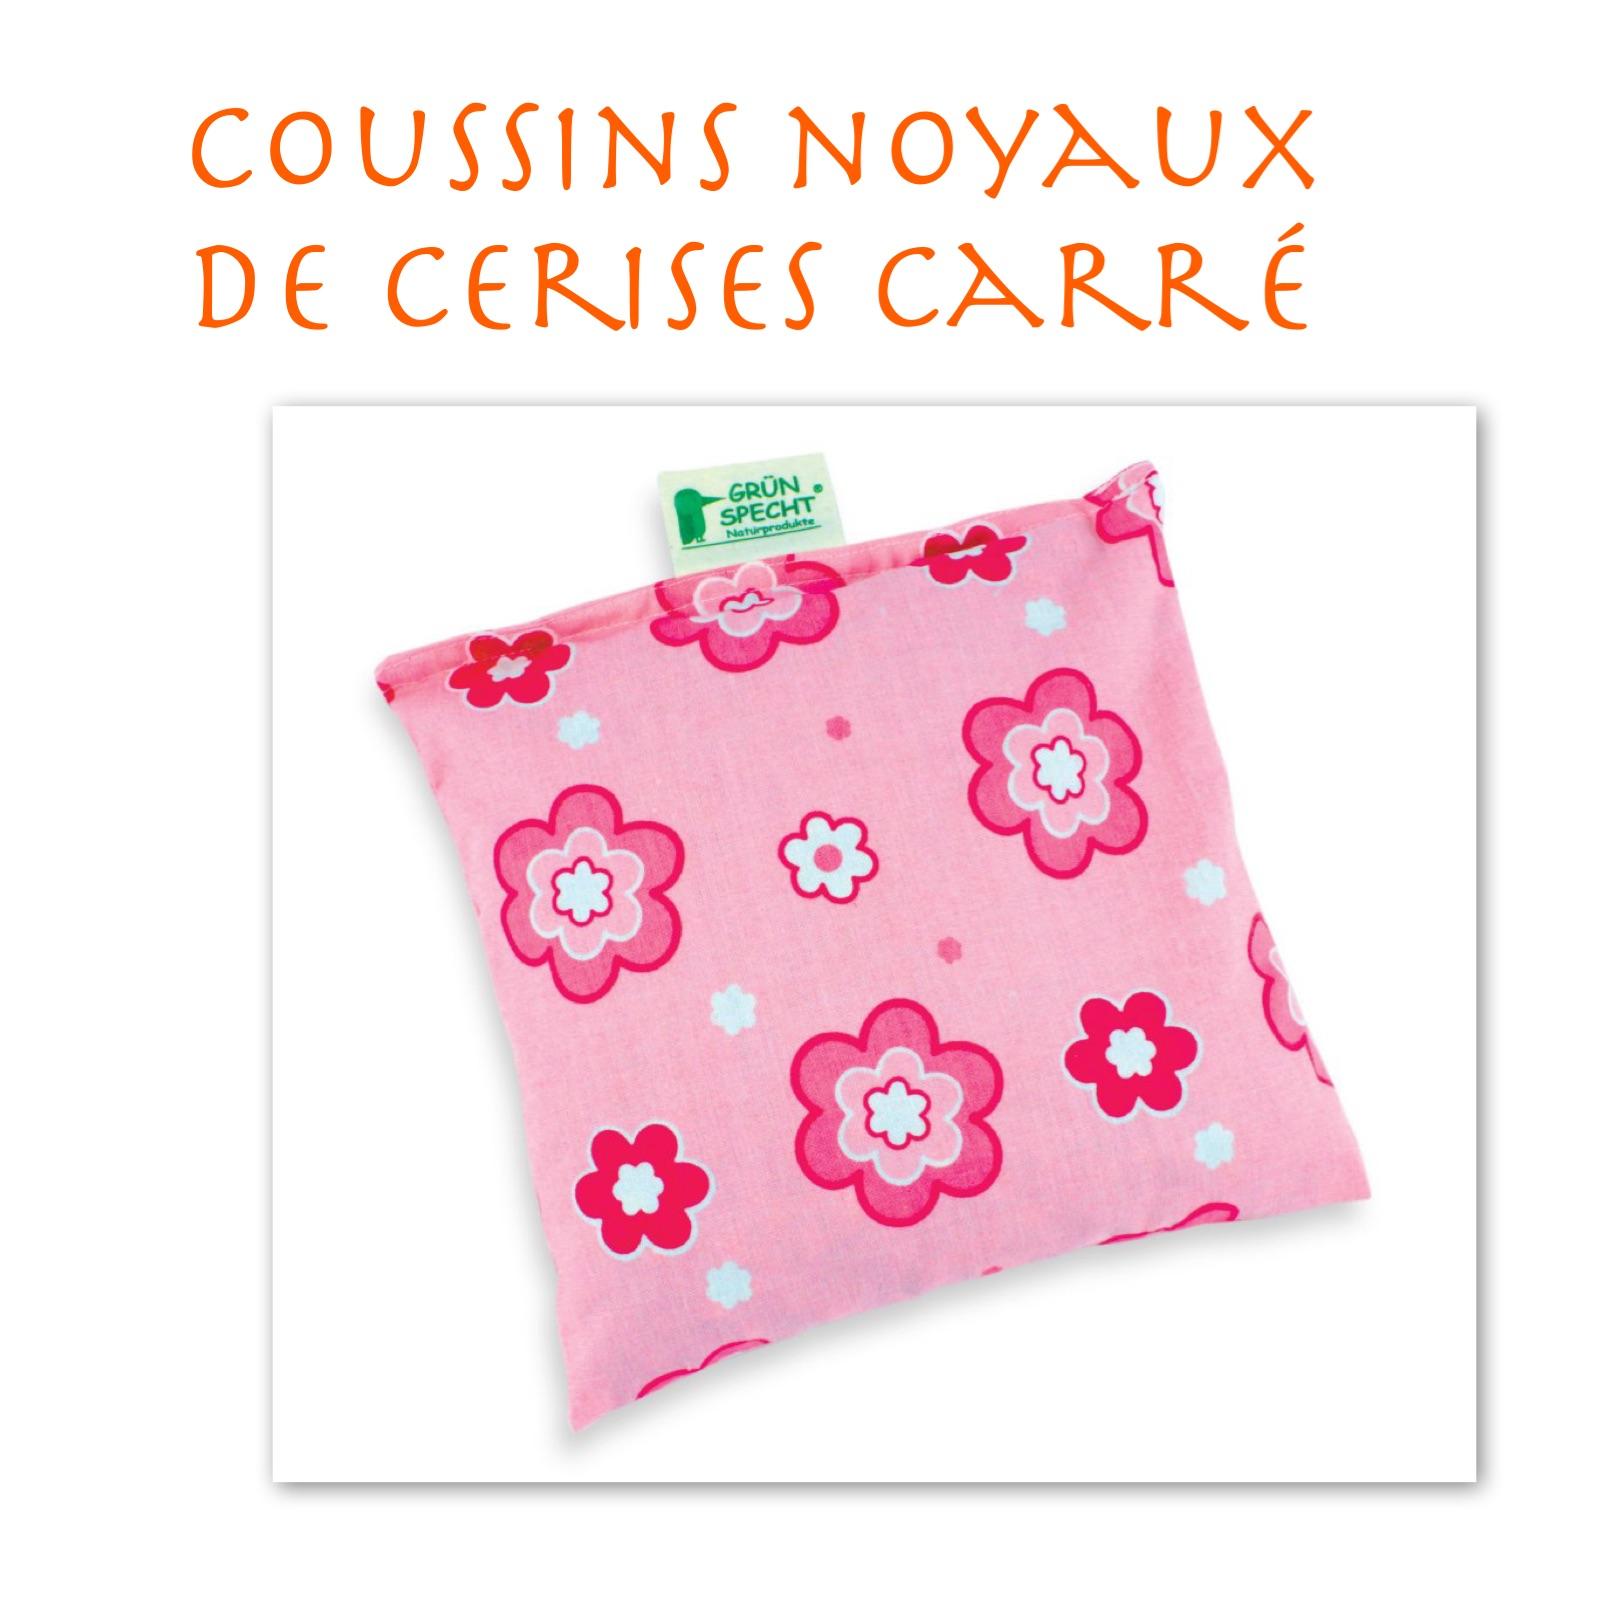 Coussin noyaux cerises carré